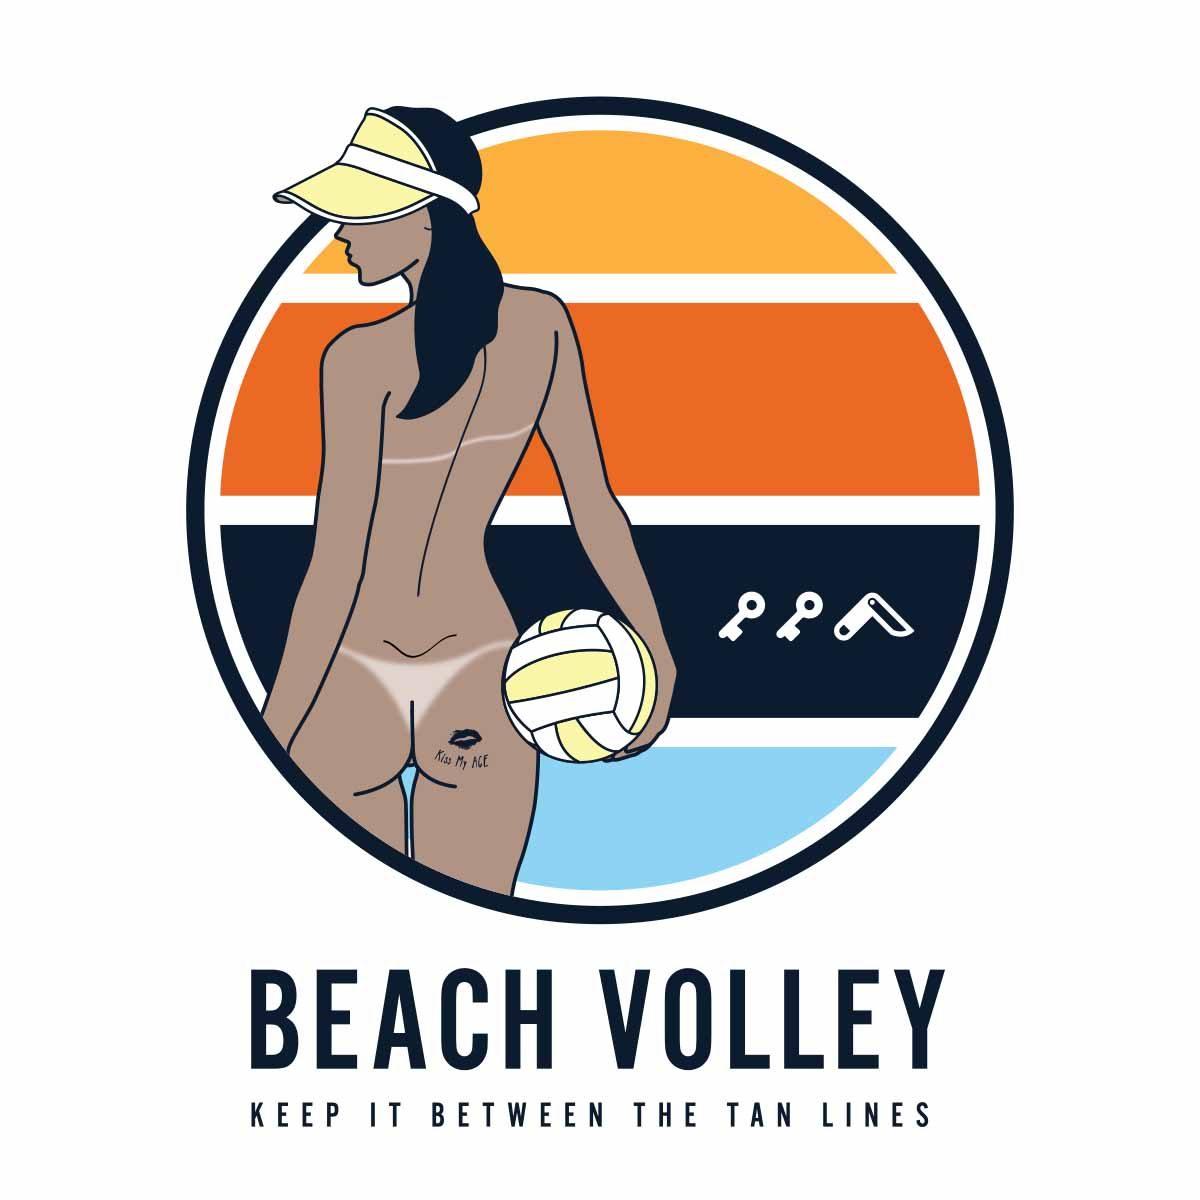 hermosa beach volleyball design by kikicutt